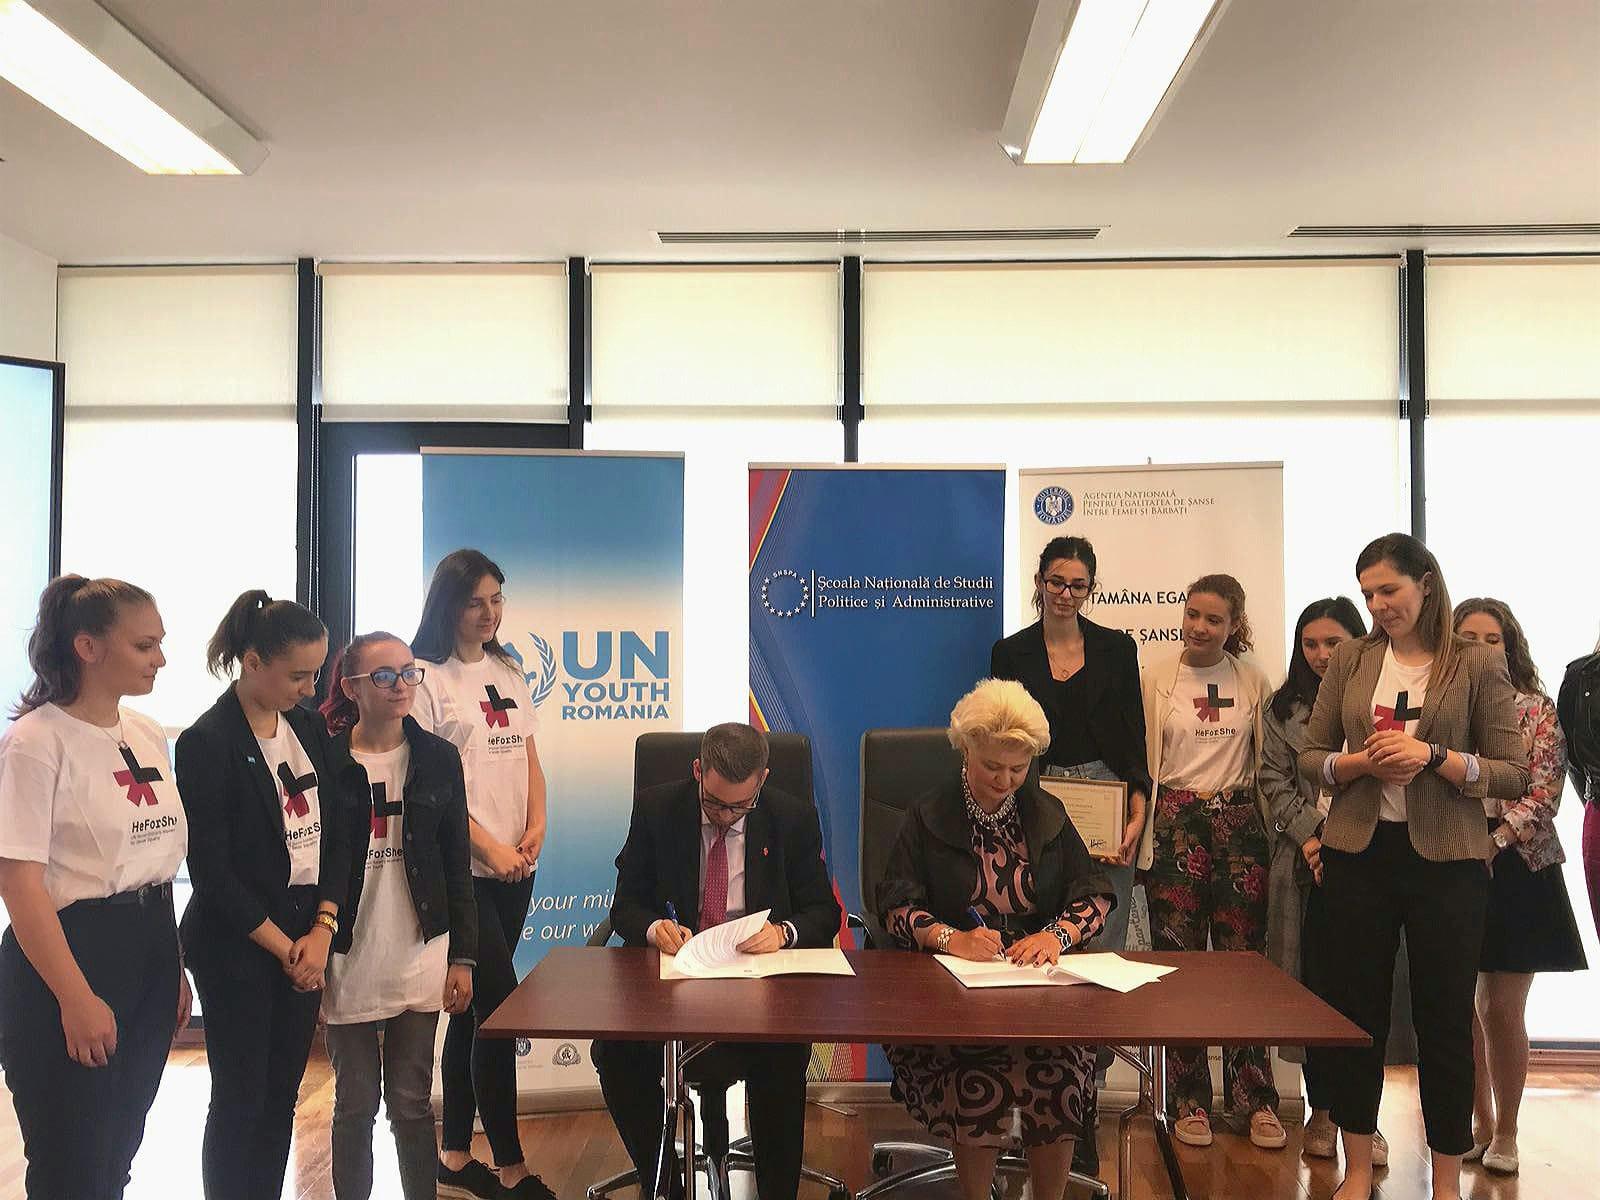 """Ieri a avut loc """"Ceremonia de semnare a Protocolului de Colaborare între Agenția Națională pentru Egalitatea de Șanse între Femei și Bărbați (ANES) și Asociația UN Youth România"""" în vederea promovării în rândul tinerilor a obiectivelor ONU de dezvoltare durabilă, din perspectiva ODD 5 și implementării angajamentelor asumate de România în cadrul Adunării Generale a ONU prin aderarea la Campania #HeforShe."""